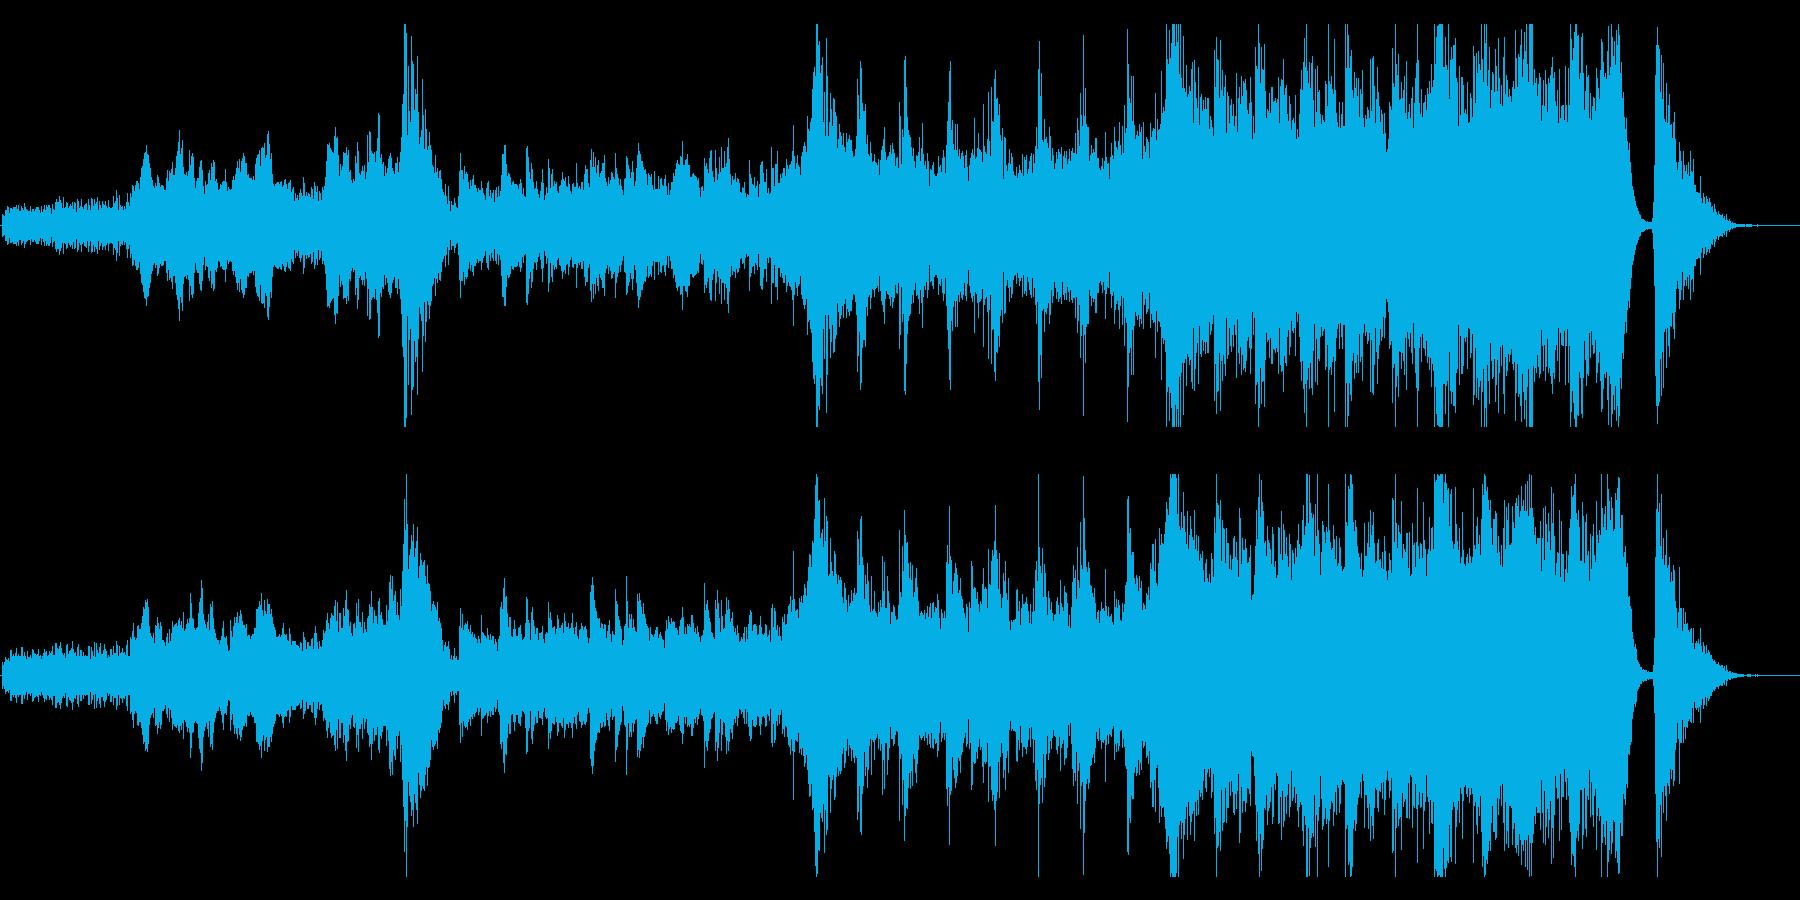 感動が最高潮に達するハイブリッドなオケ3の再生済みの波形